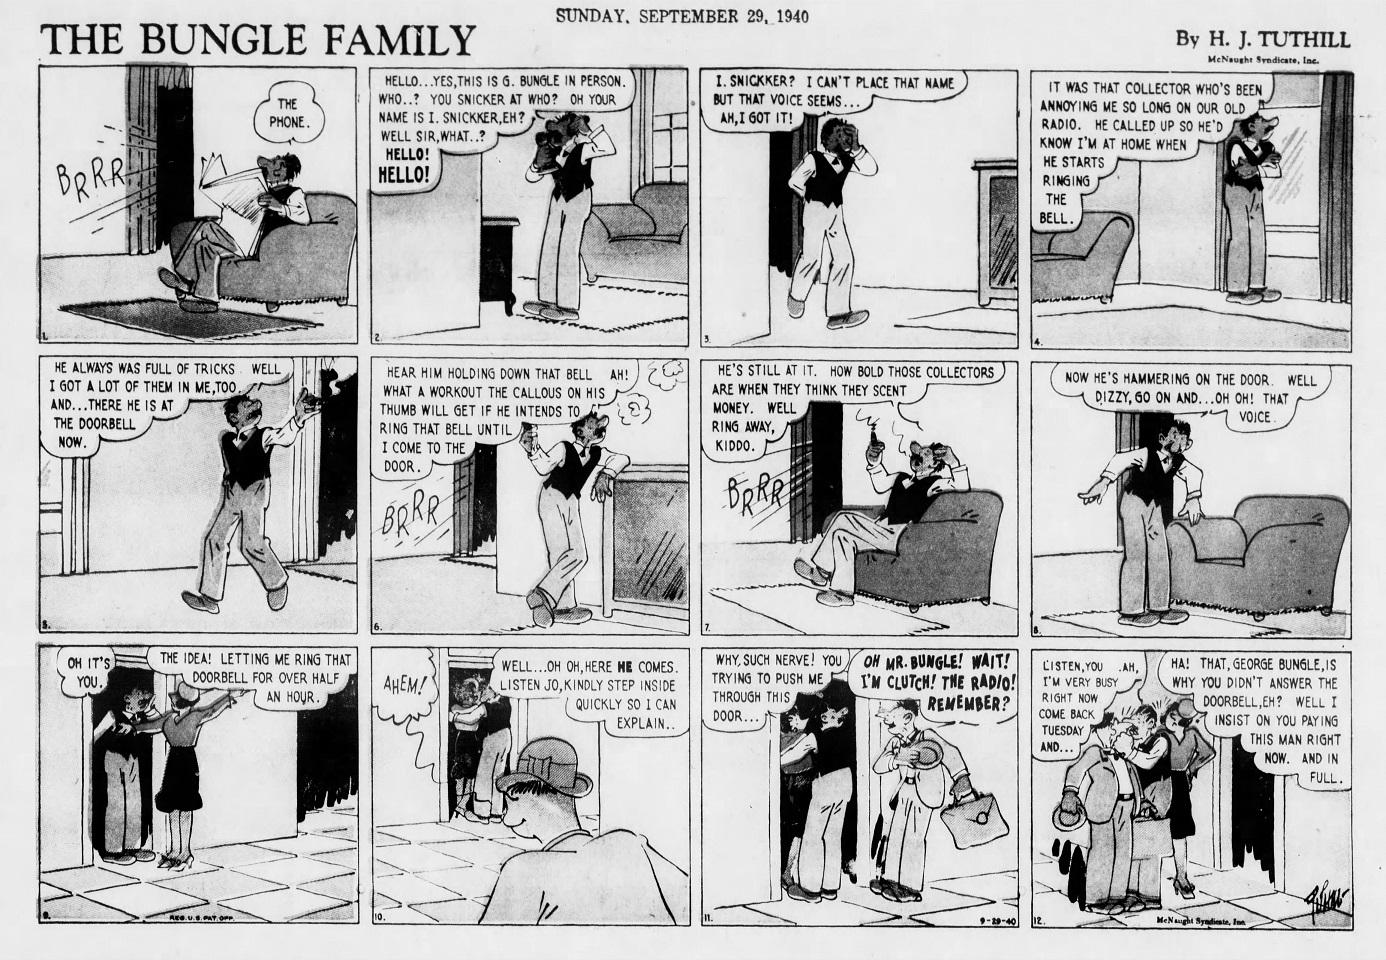 The_Brooklyn_Daily_Eagle_Sun__Sep_29__1940_(9).jpg